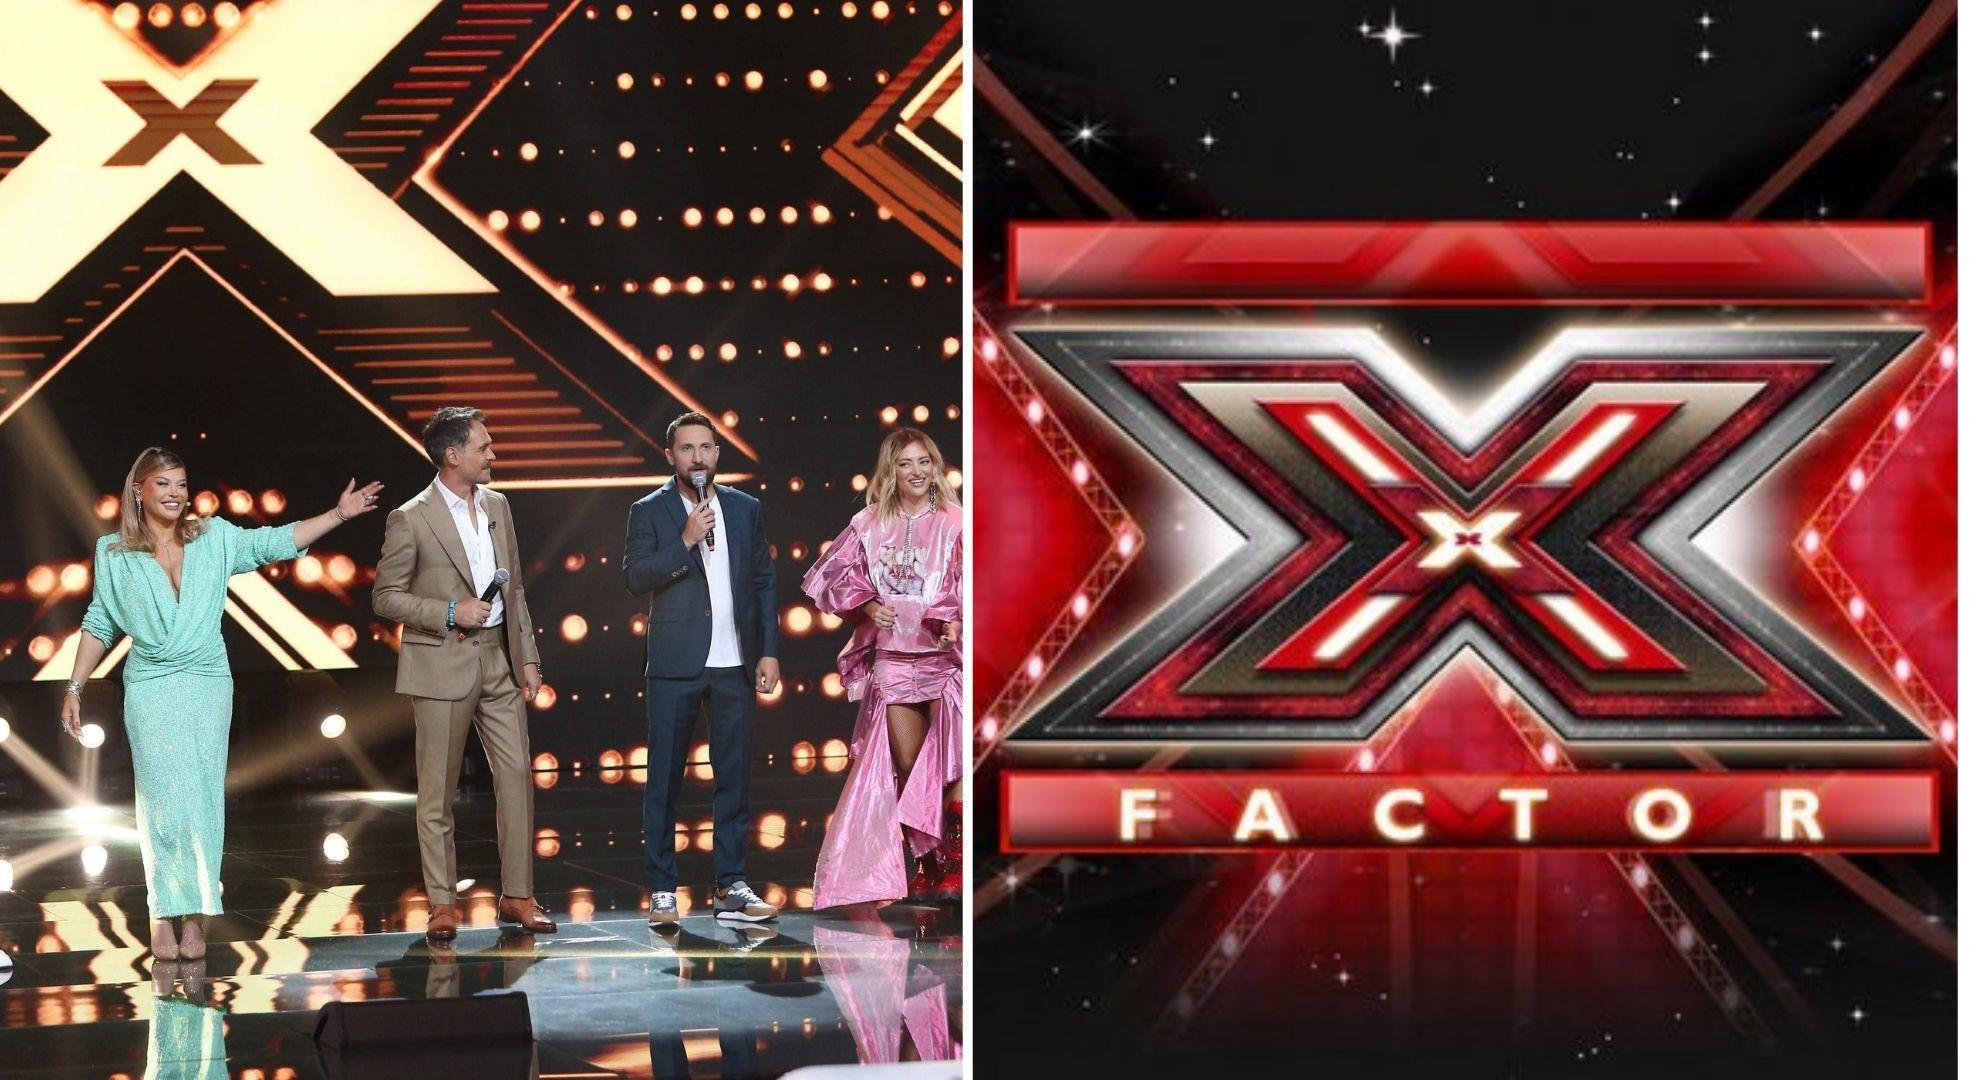 Finala X Factor 2020. Ei sunt concurenții care se vor duela pentru marele trofeu